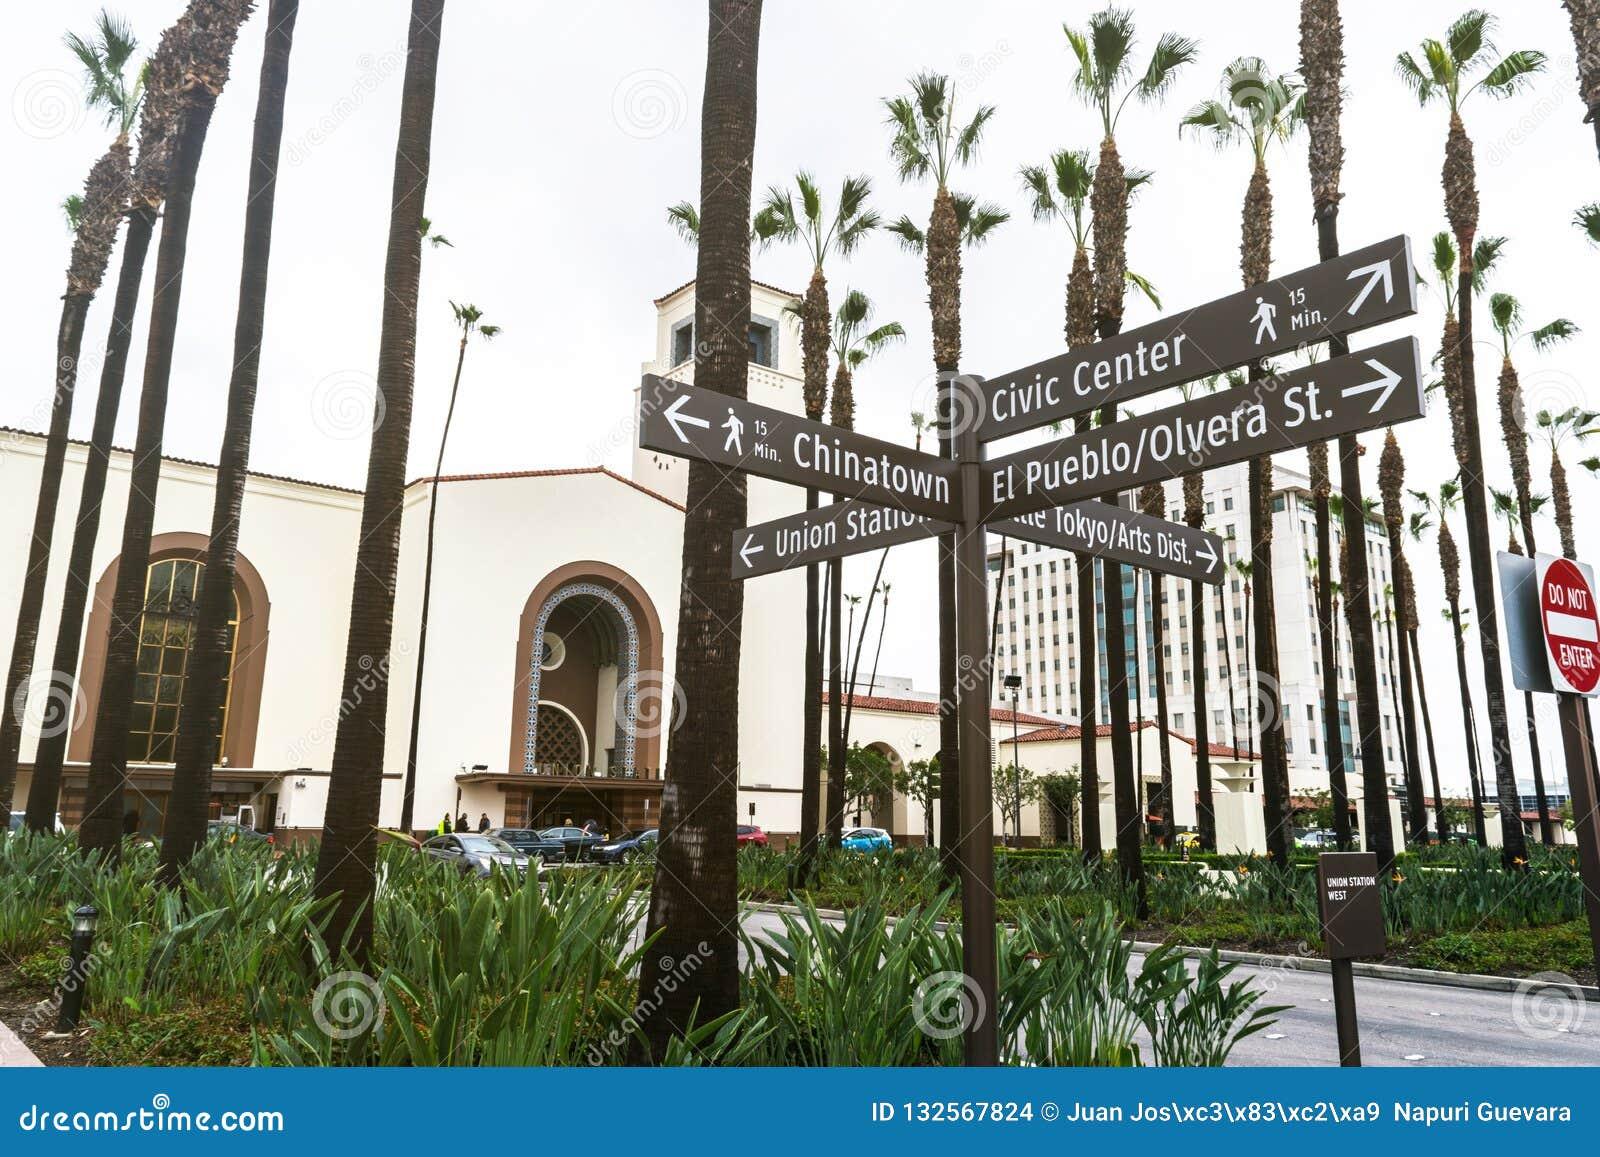 Les plaques de rue et à l arrière-plan est station des syndicats située à Los Angeles - Etats-Unis